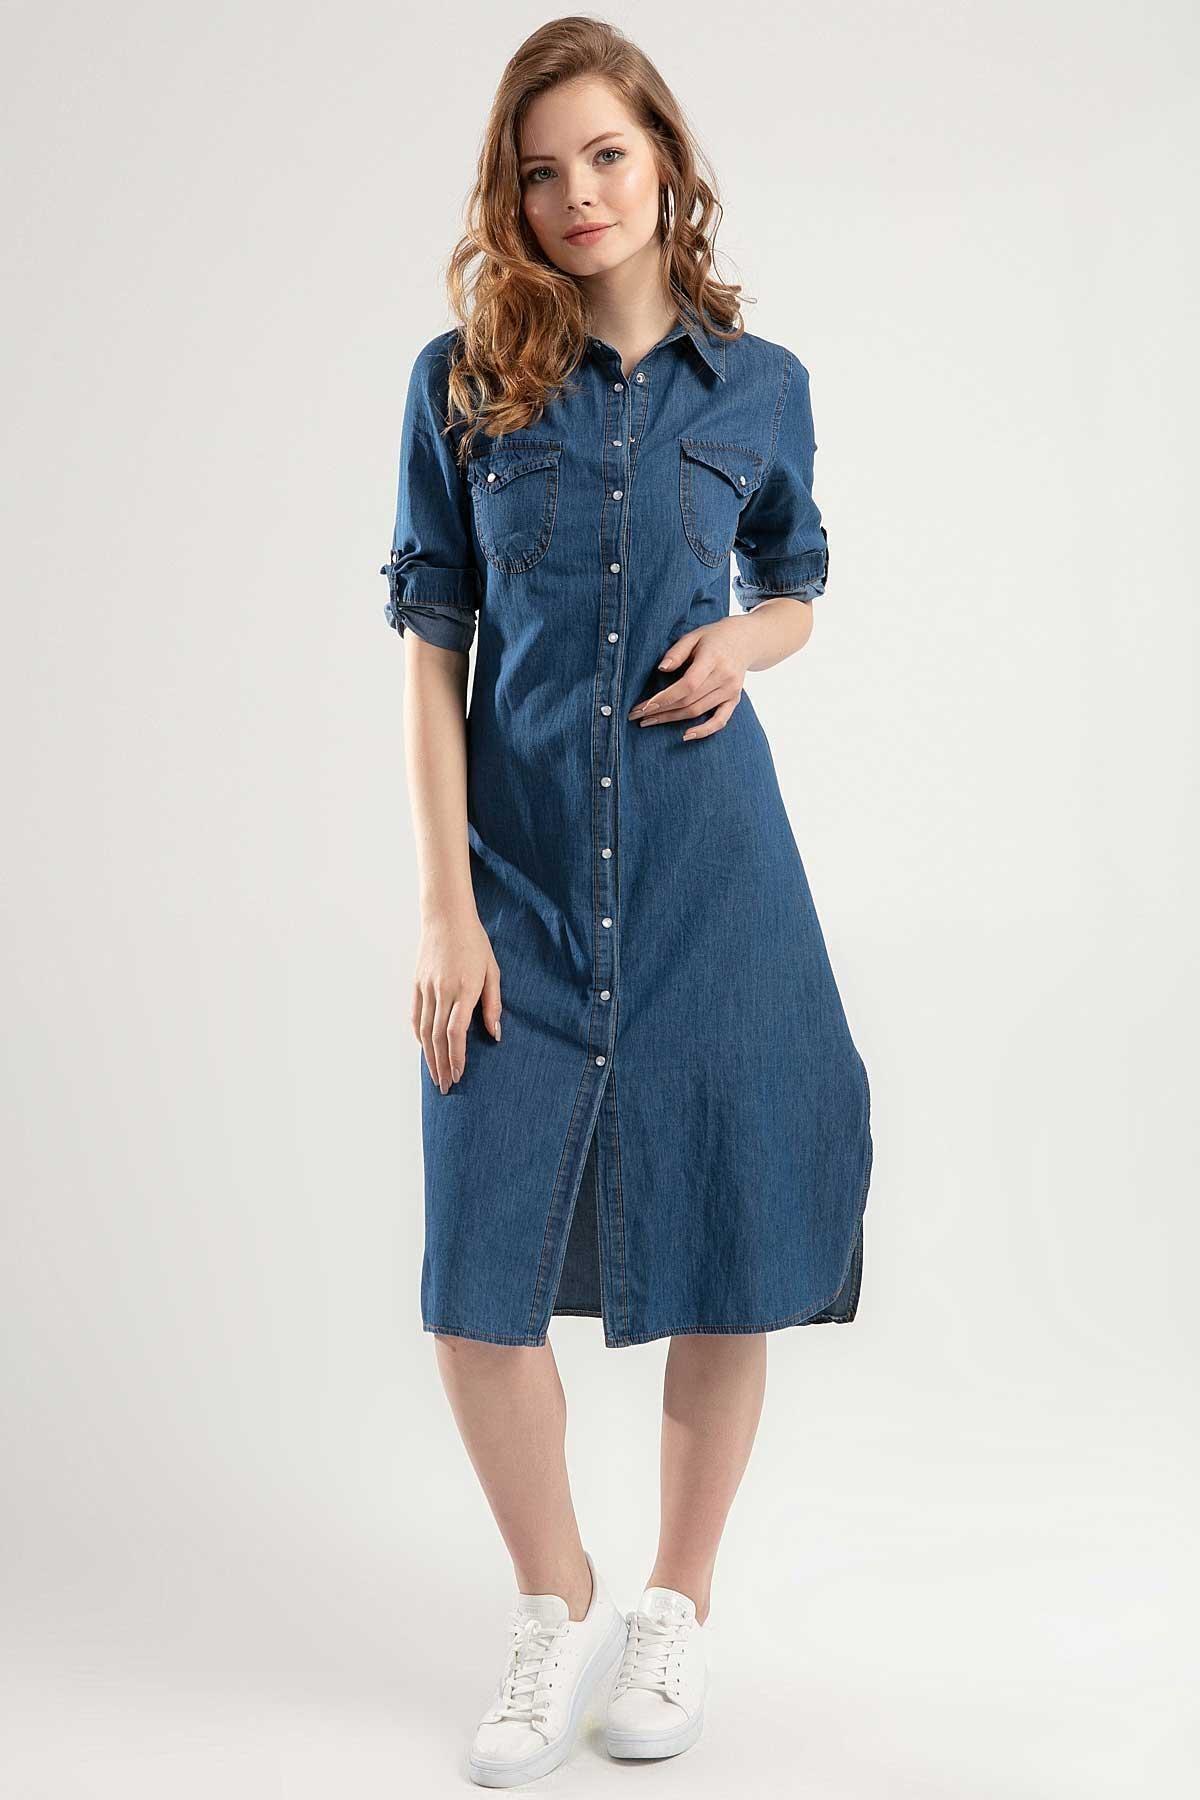 Pattaya Kadın Yırtmaçlı Uzun Kot Elbise Y20s110-5603 2